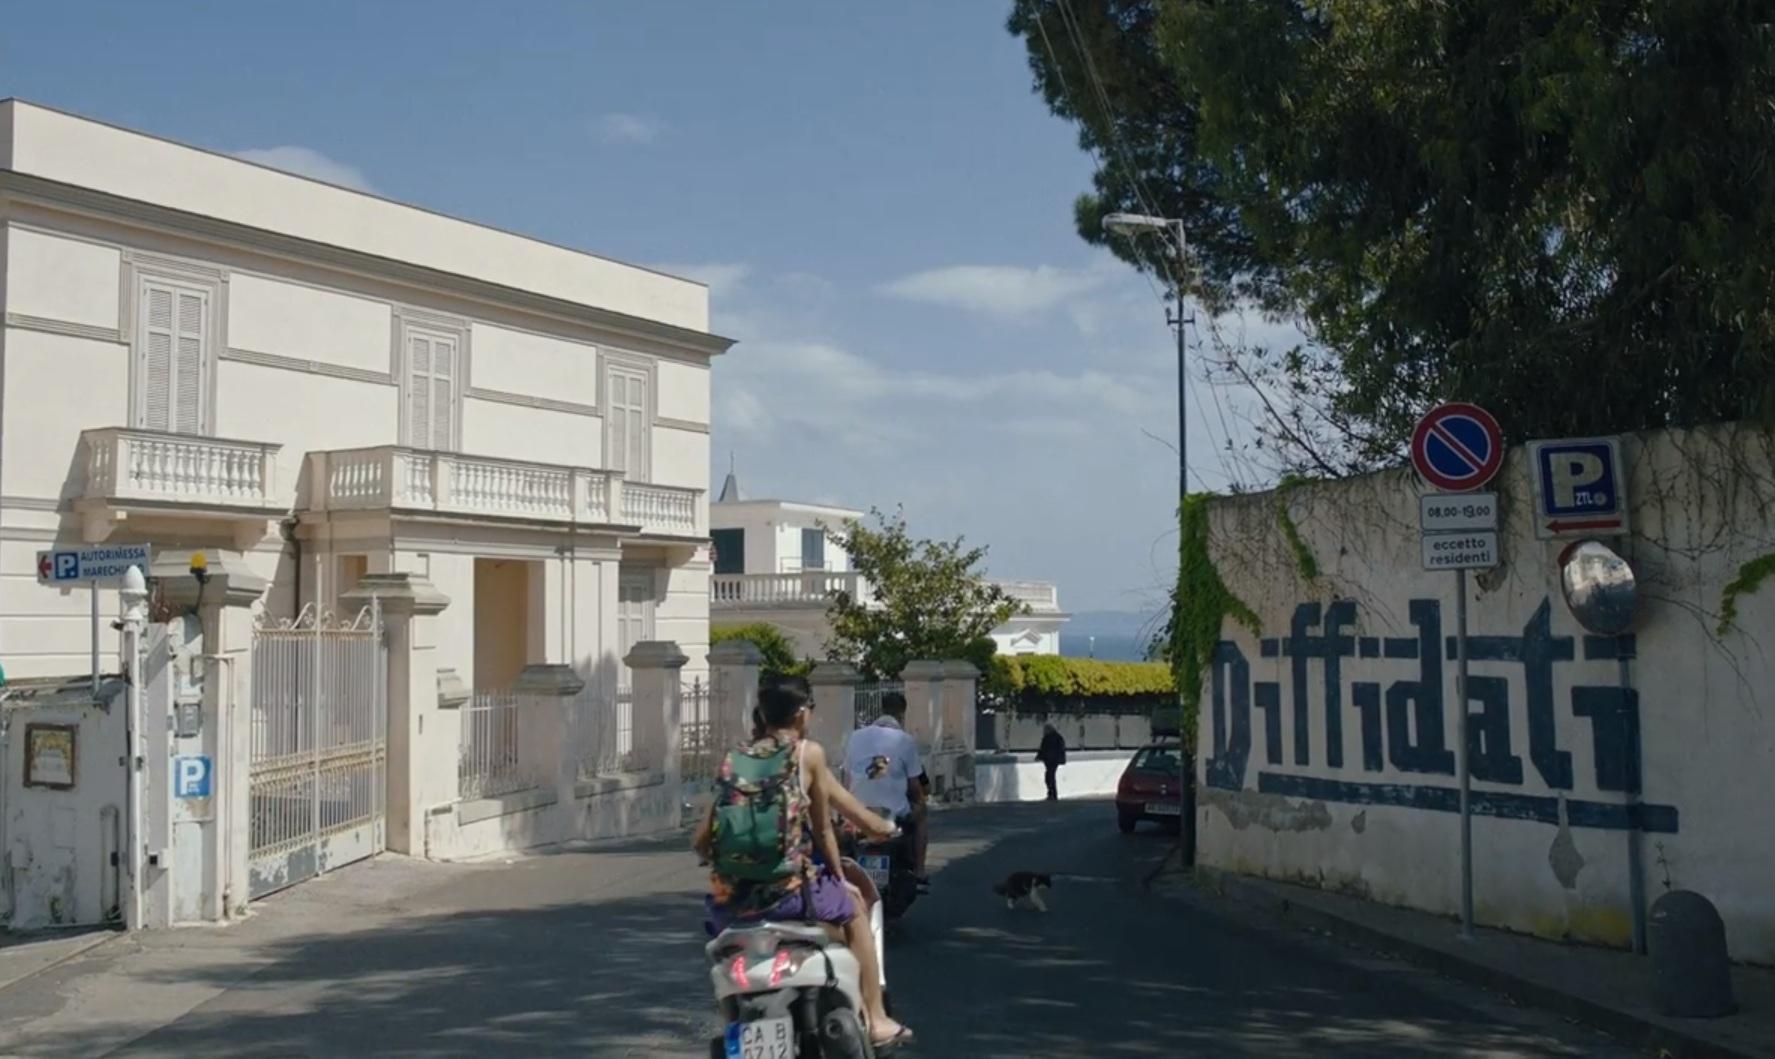 Il ritorno di LIBERATO: «Grazie a tutto il Napoli, a chi ci ha creduto e ci crede ancora»